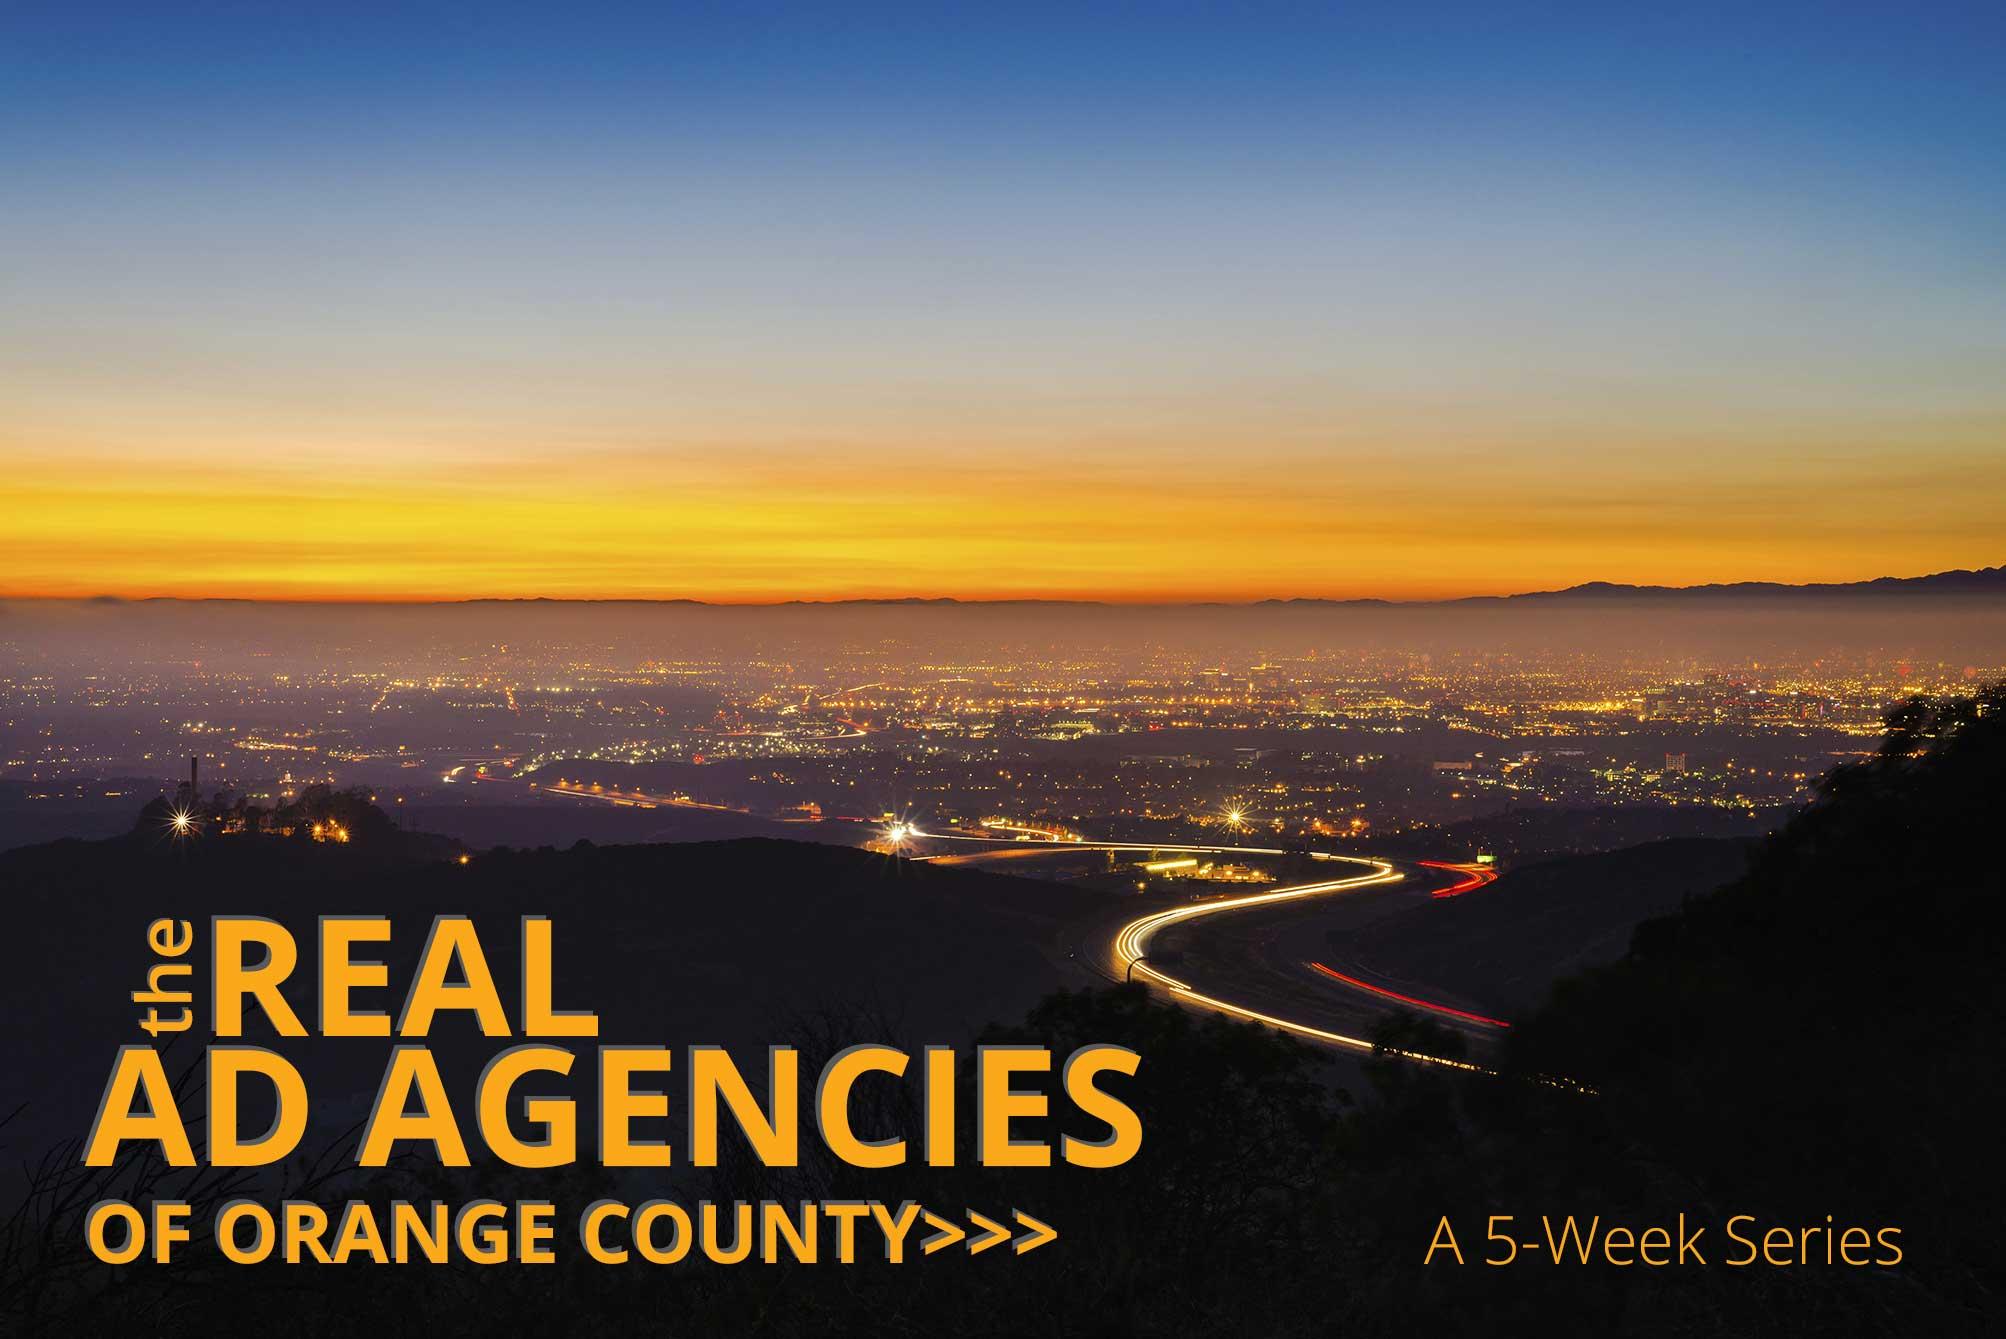 Orange county advertising agencies we admire jovenville